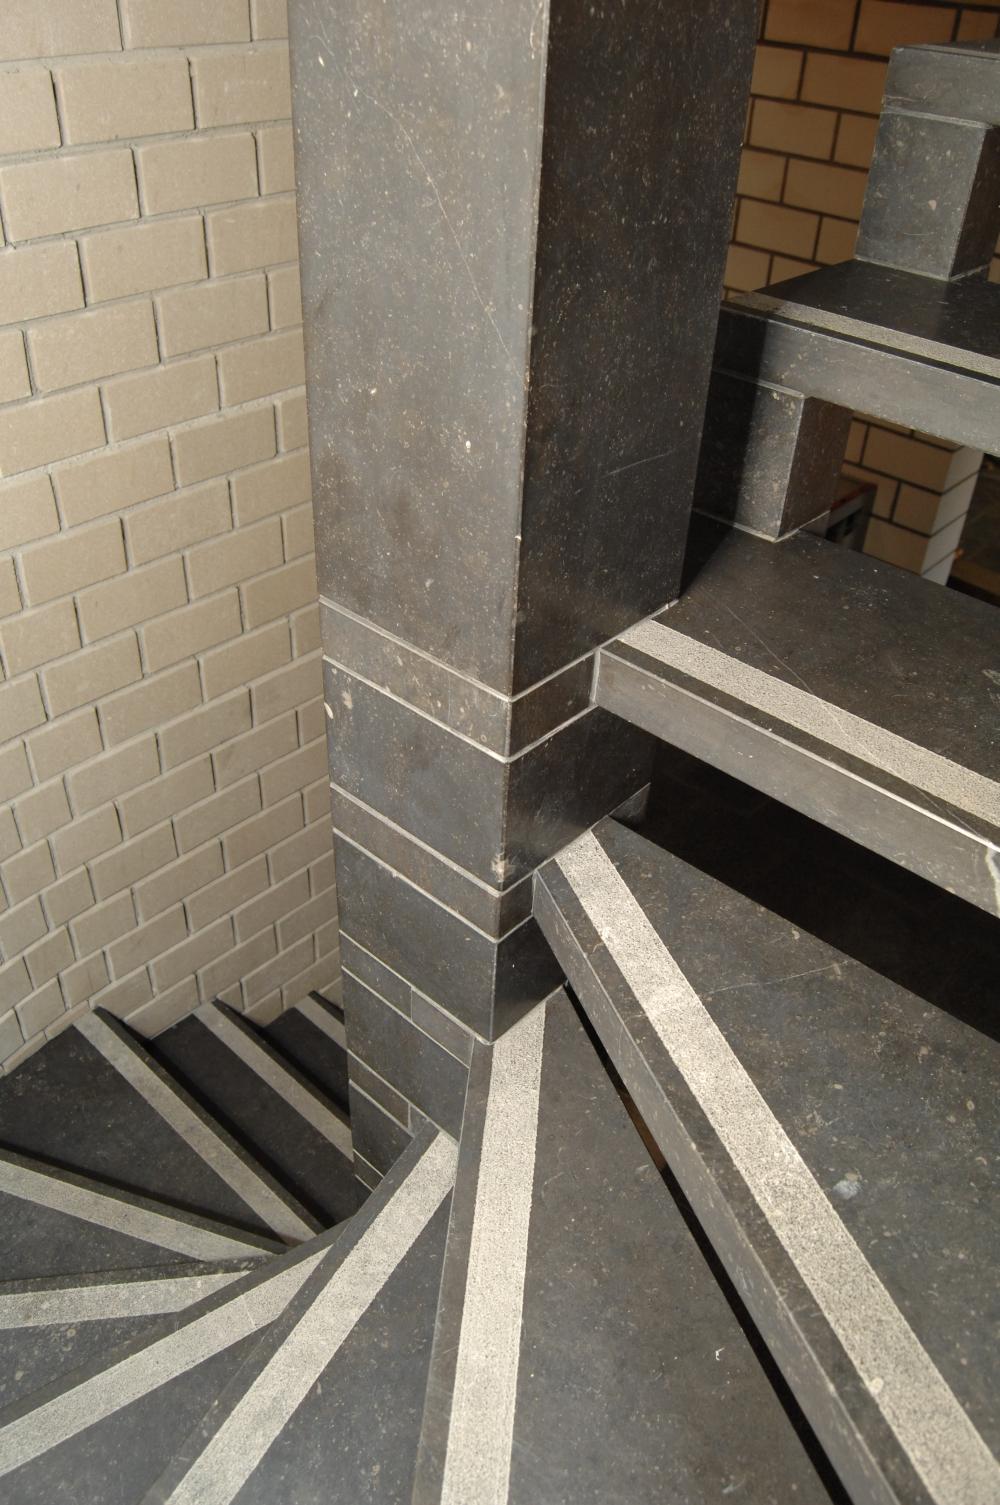 Trappen for Binnenhuis trappen